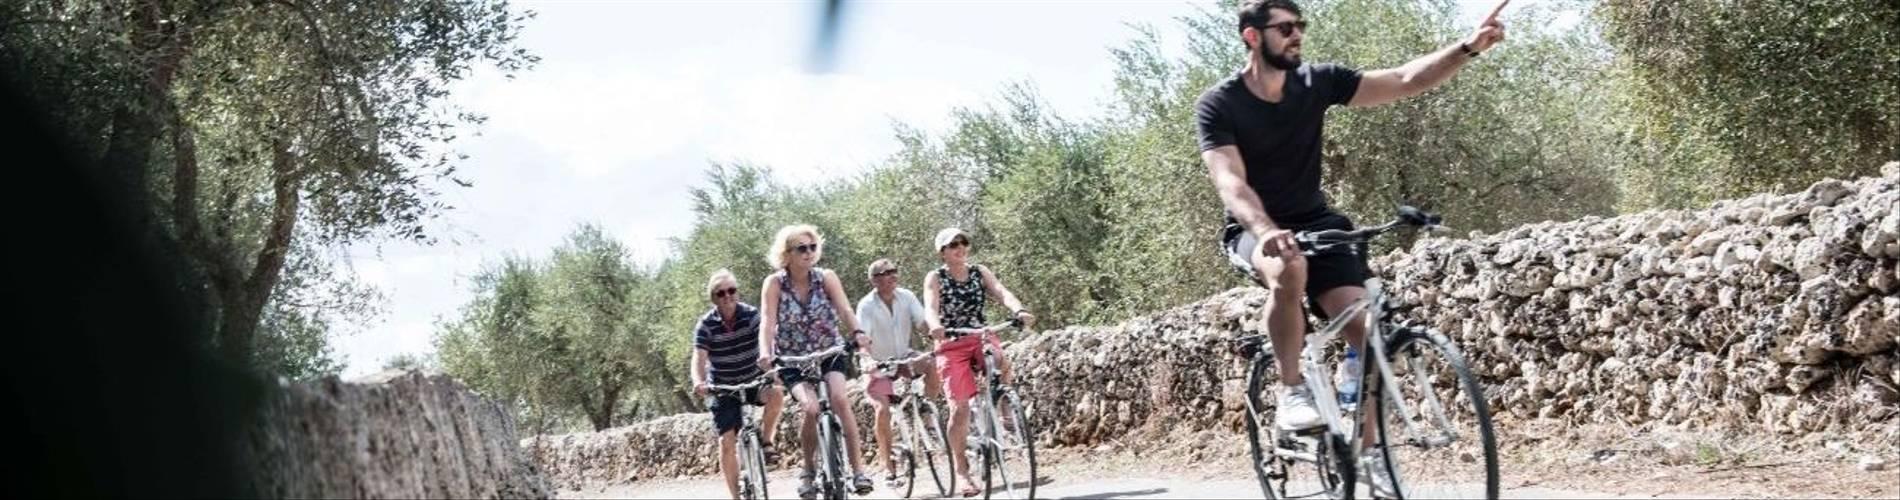 PG.bike.17.03.jpg